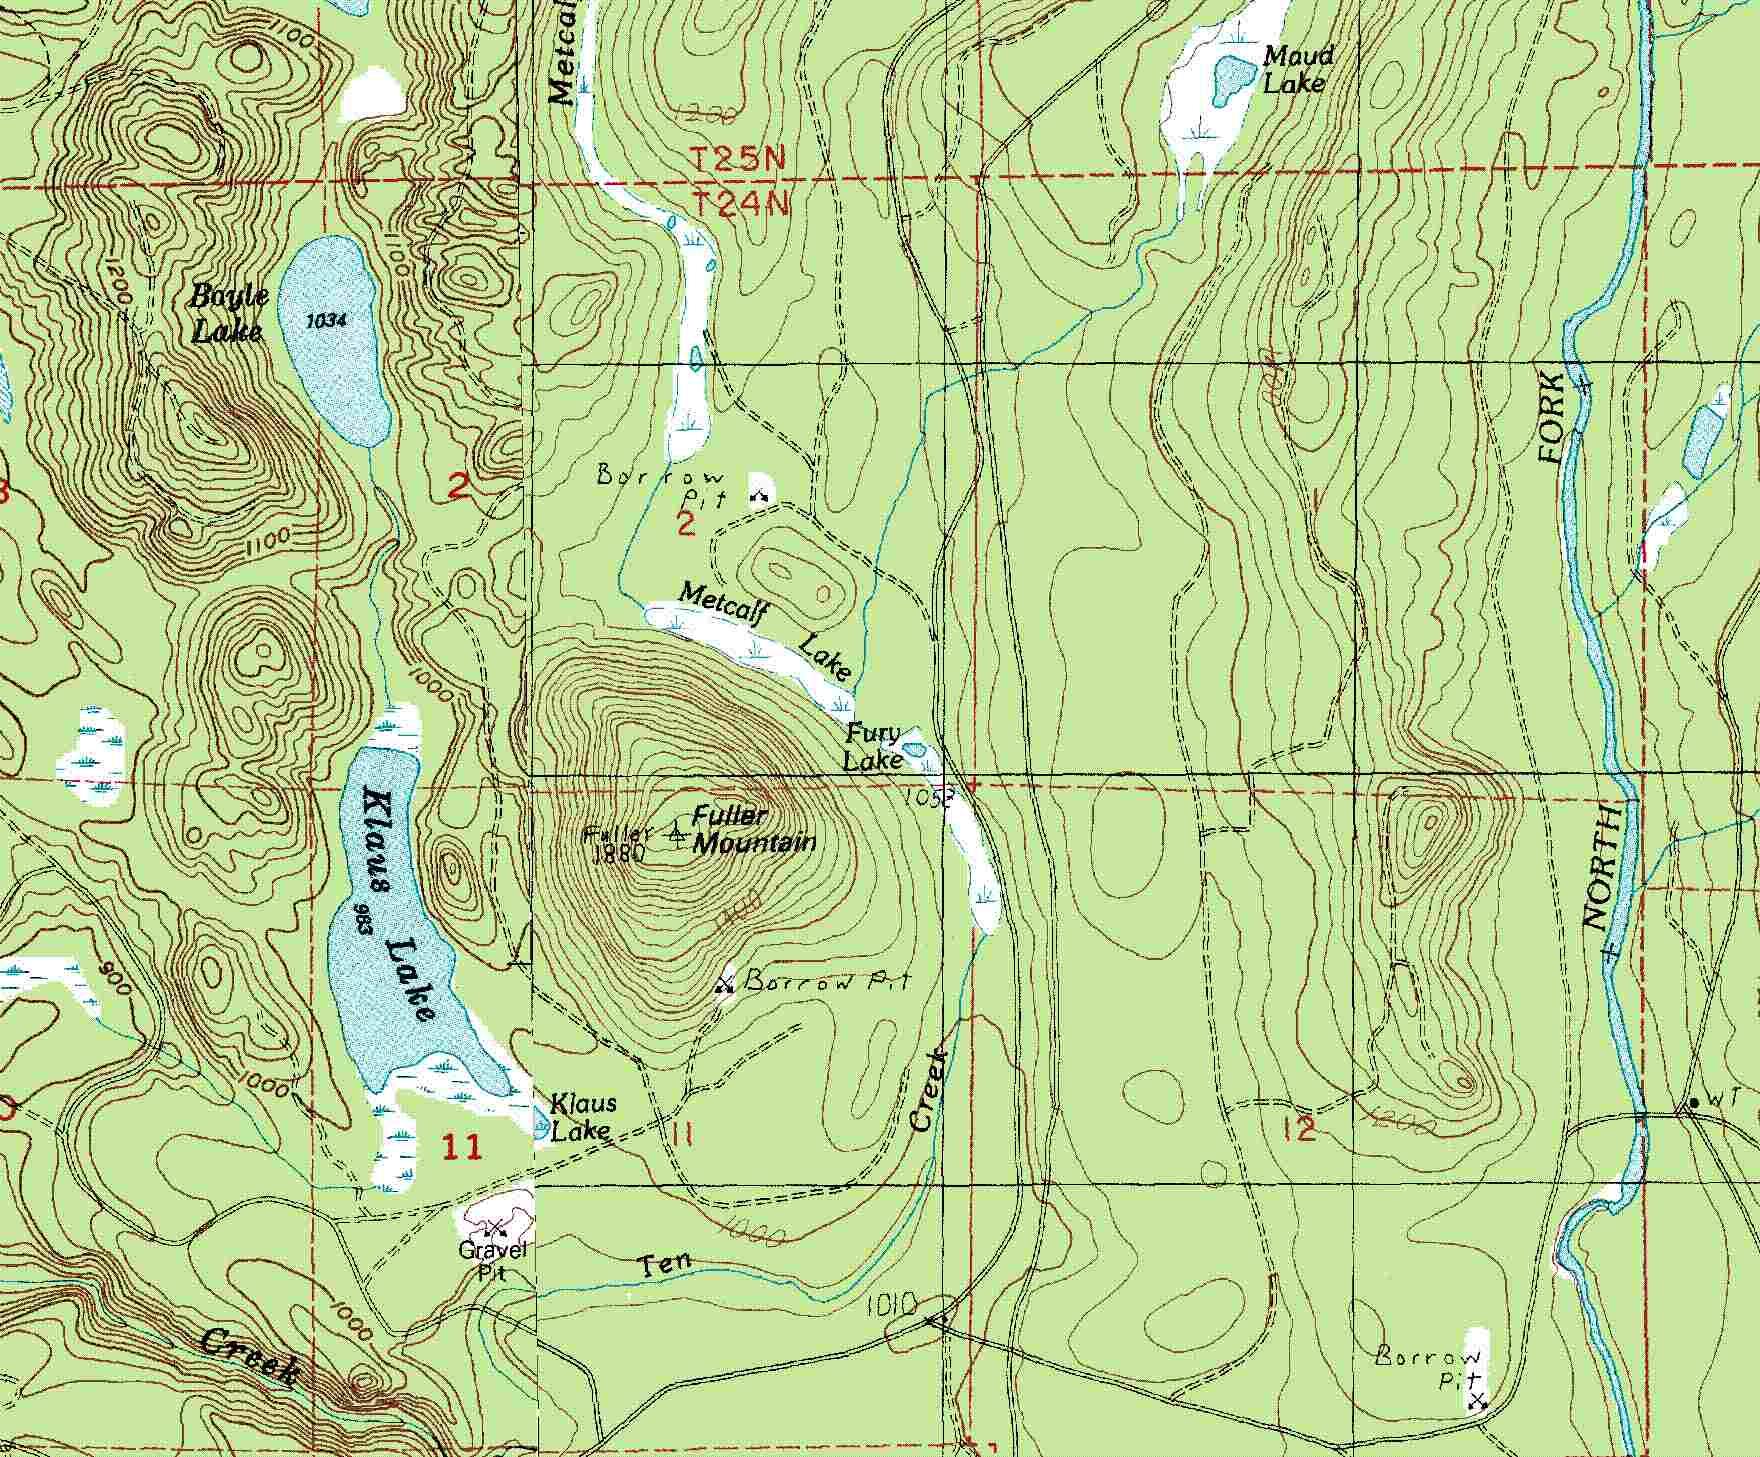 Fuller Mountain Topo Map